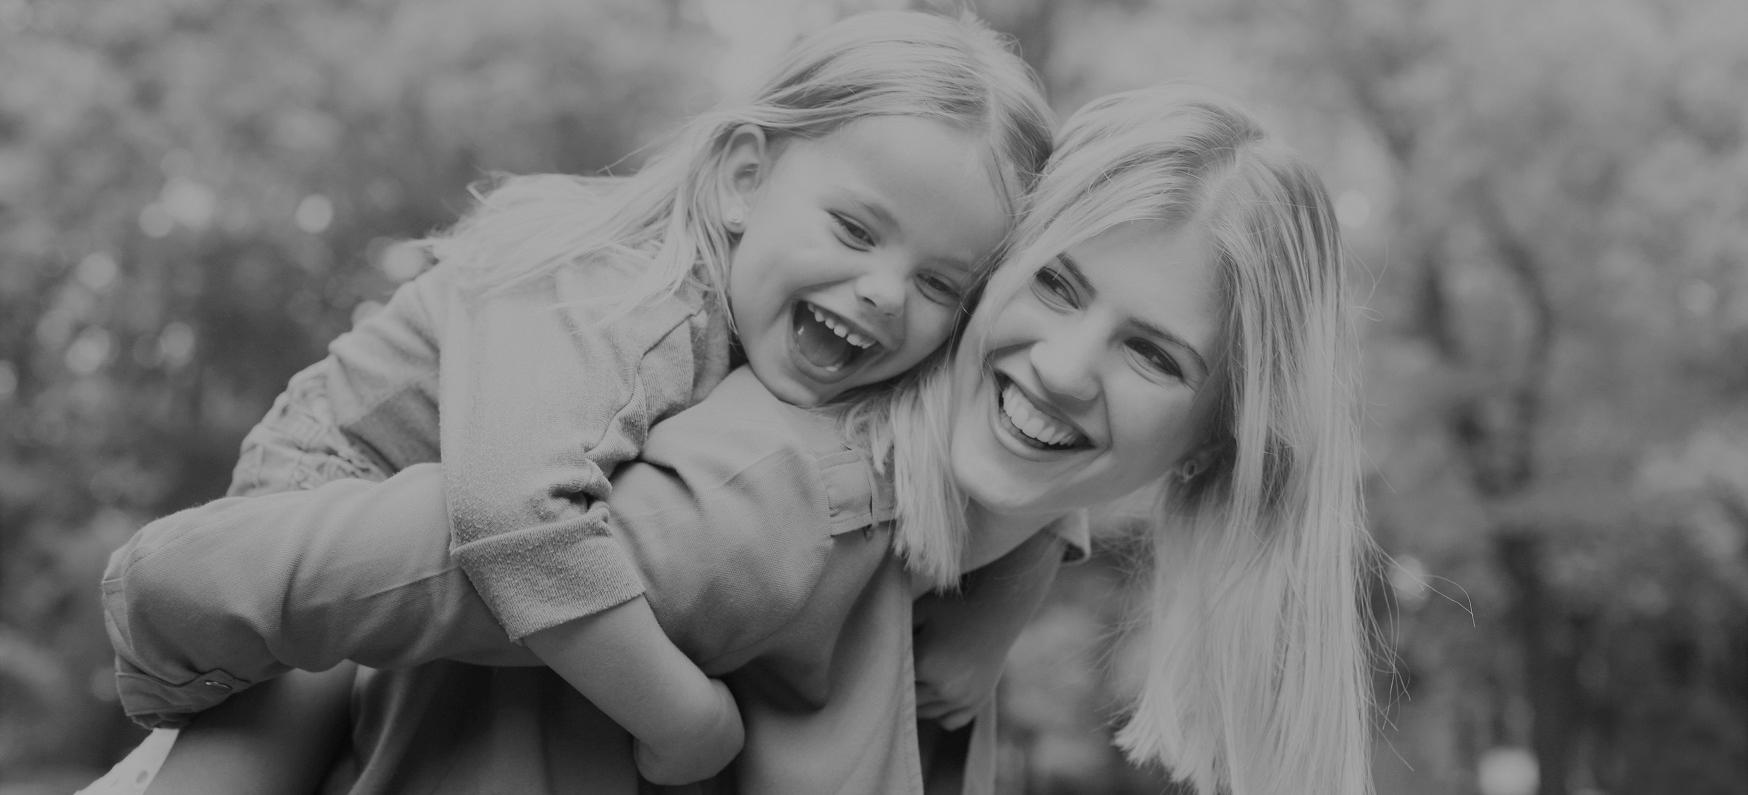 Mutter mit Kind freuen sich